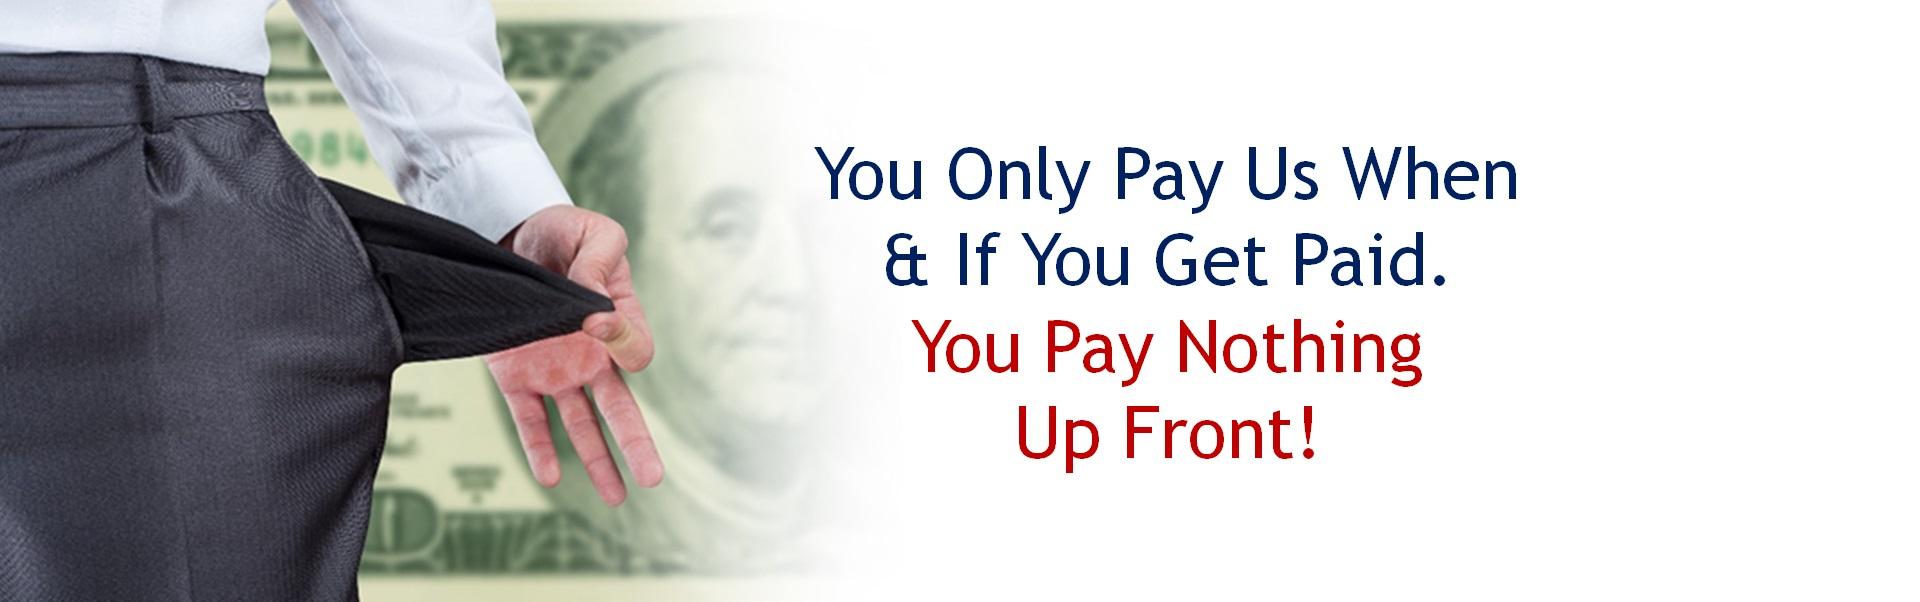 Pay Nothing UpFront